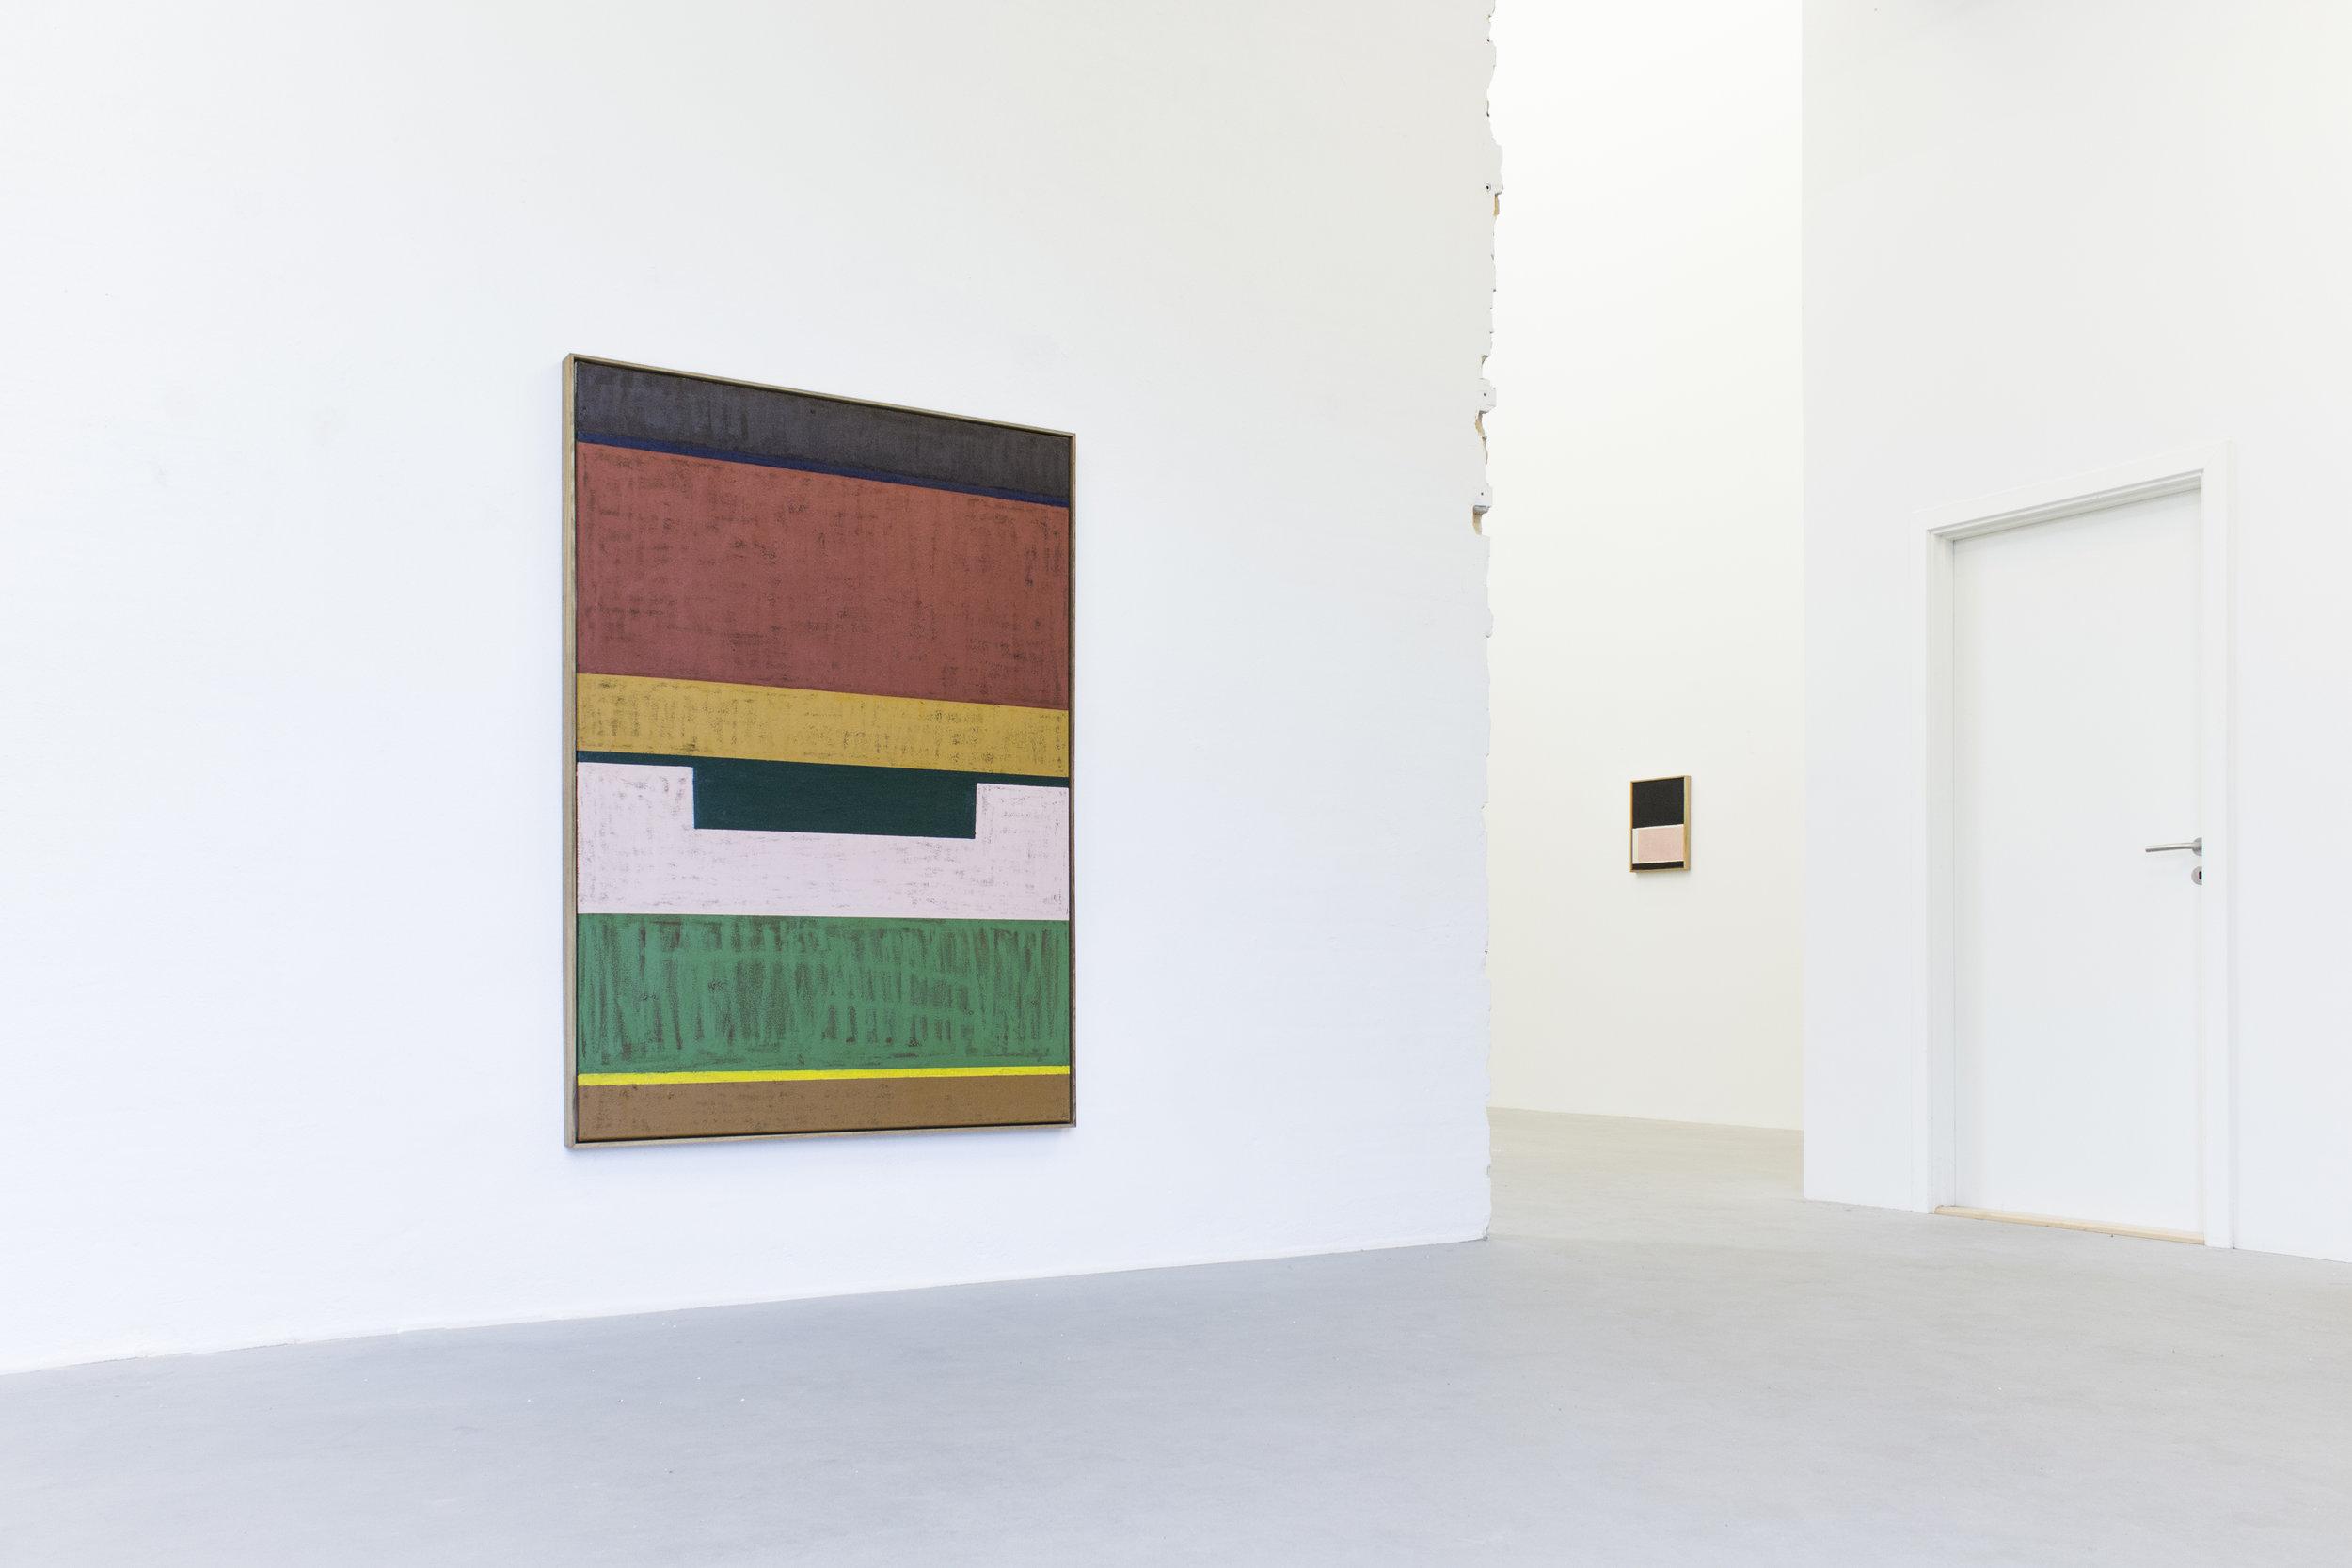 Third eyed elephant, Gallery Jacob Bjørn, 2017